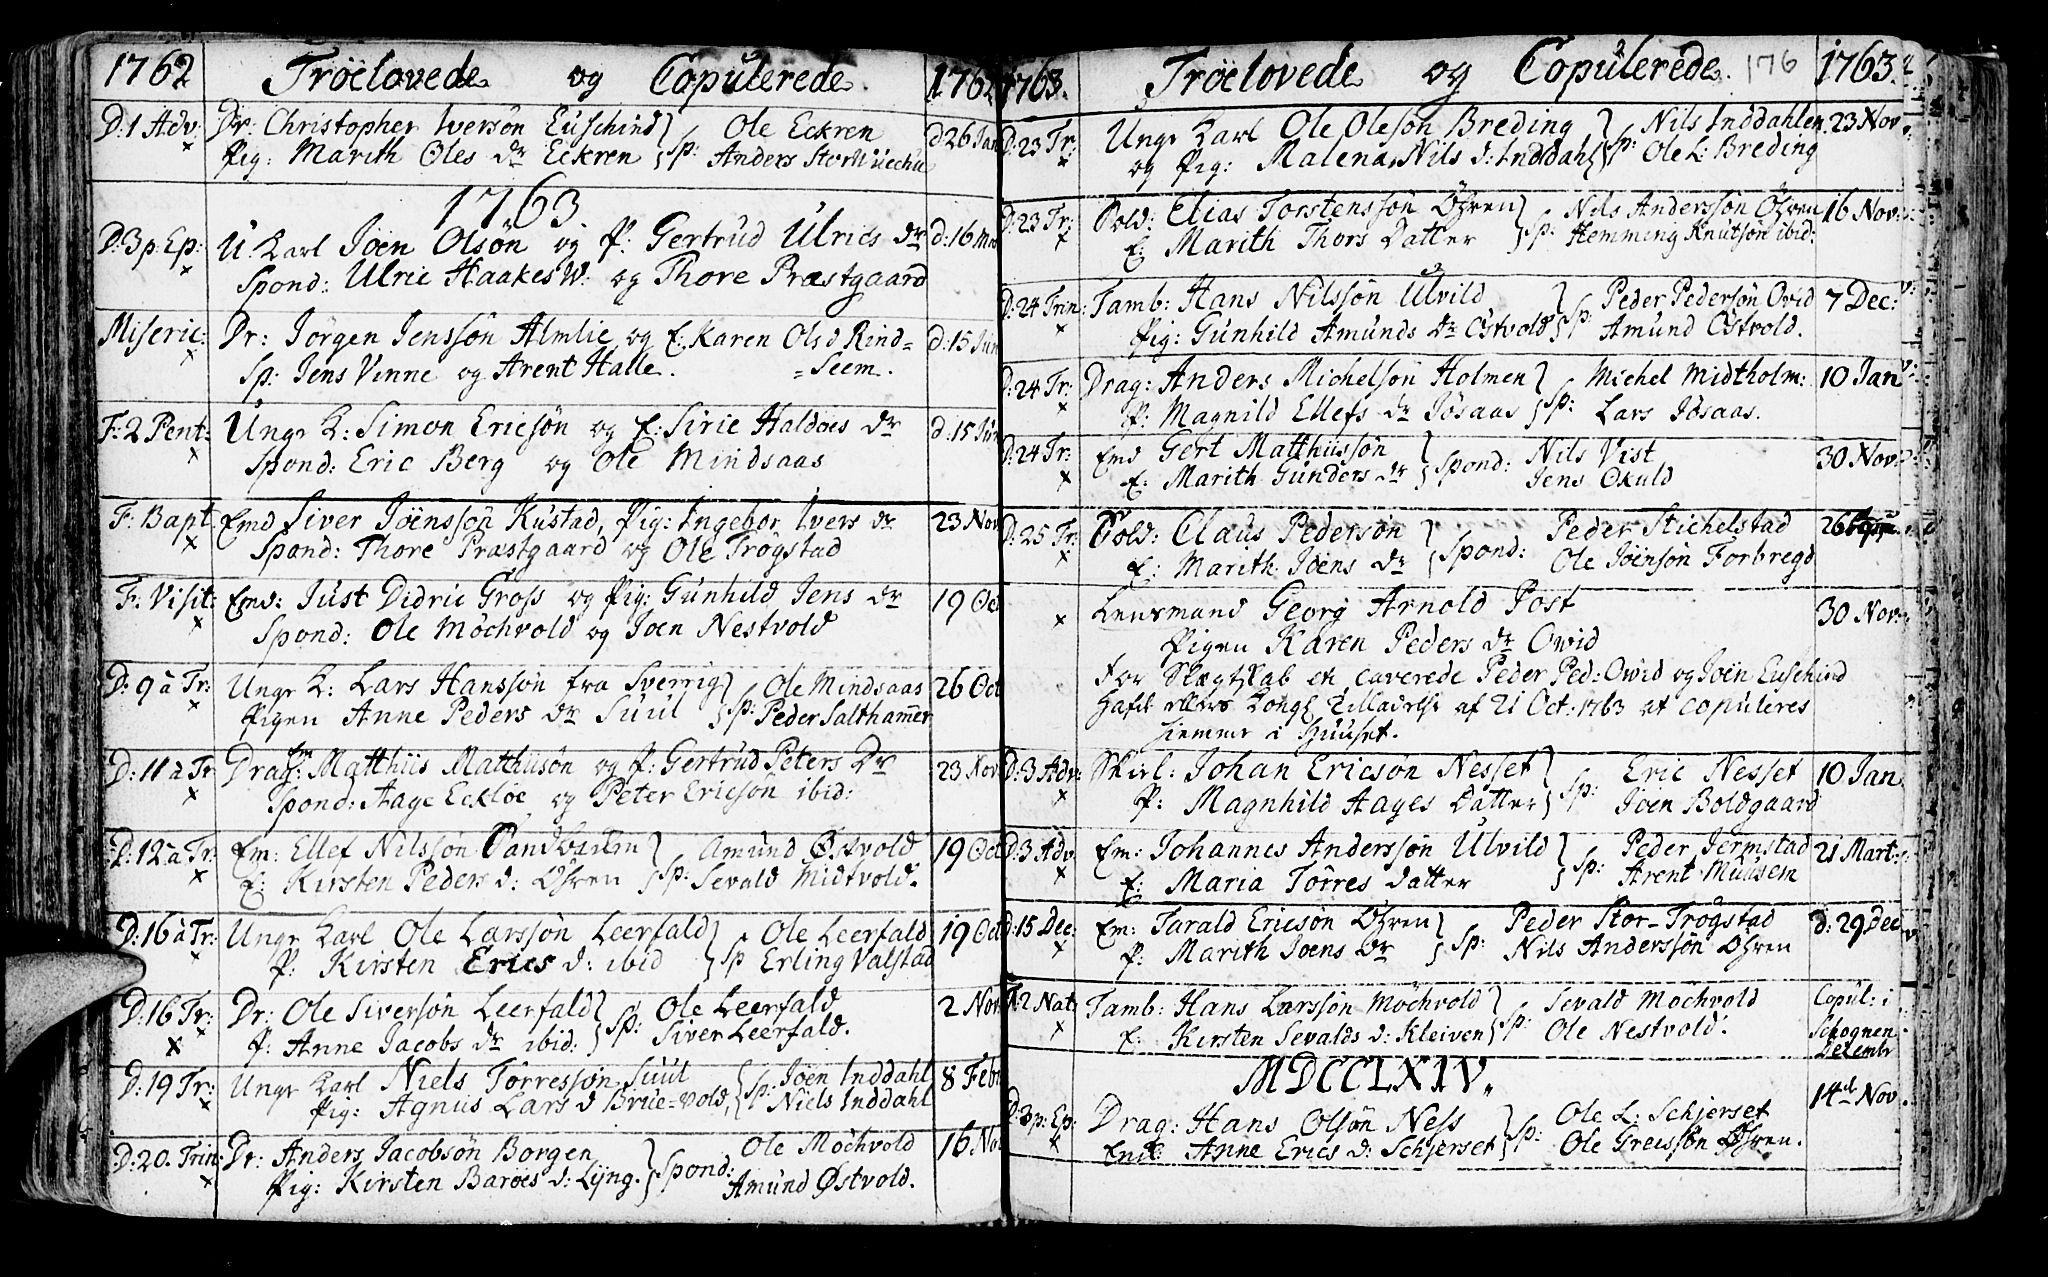 SAT, Ministerialprotokoller, klokkerbøker og fødselsregistre - Nord-Trøndelag, 723/L0231: Ministerialbok nr. 723A02, 1748-1780, s. 176